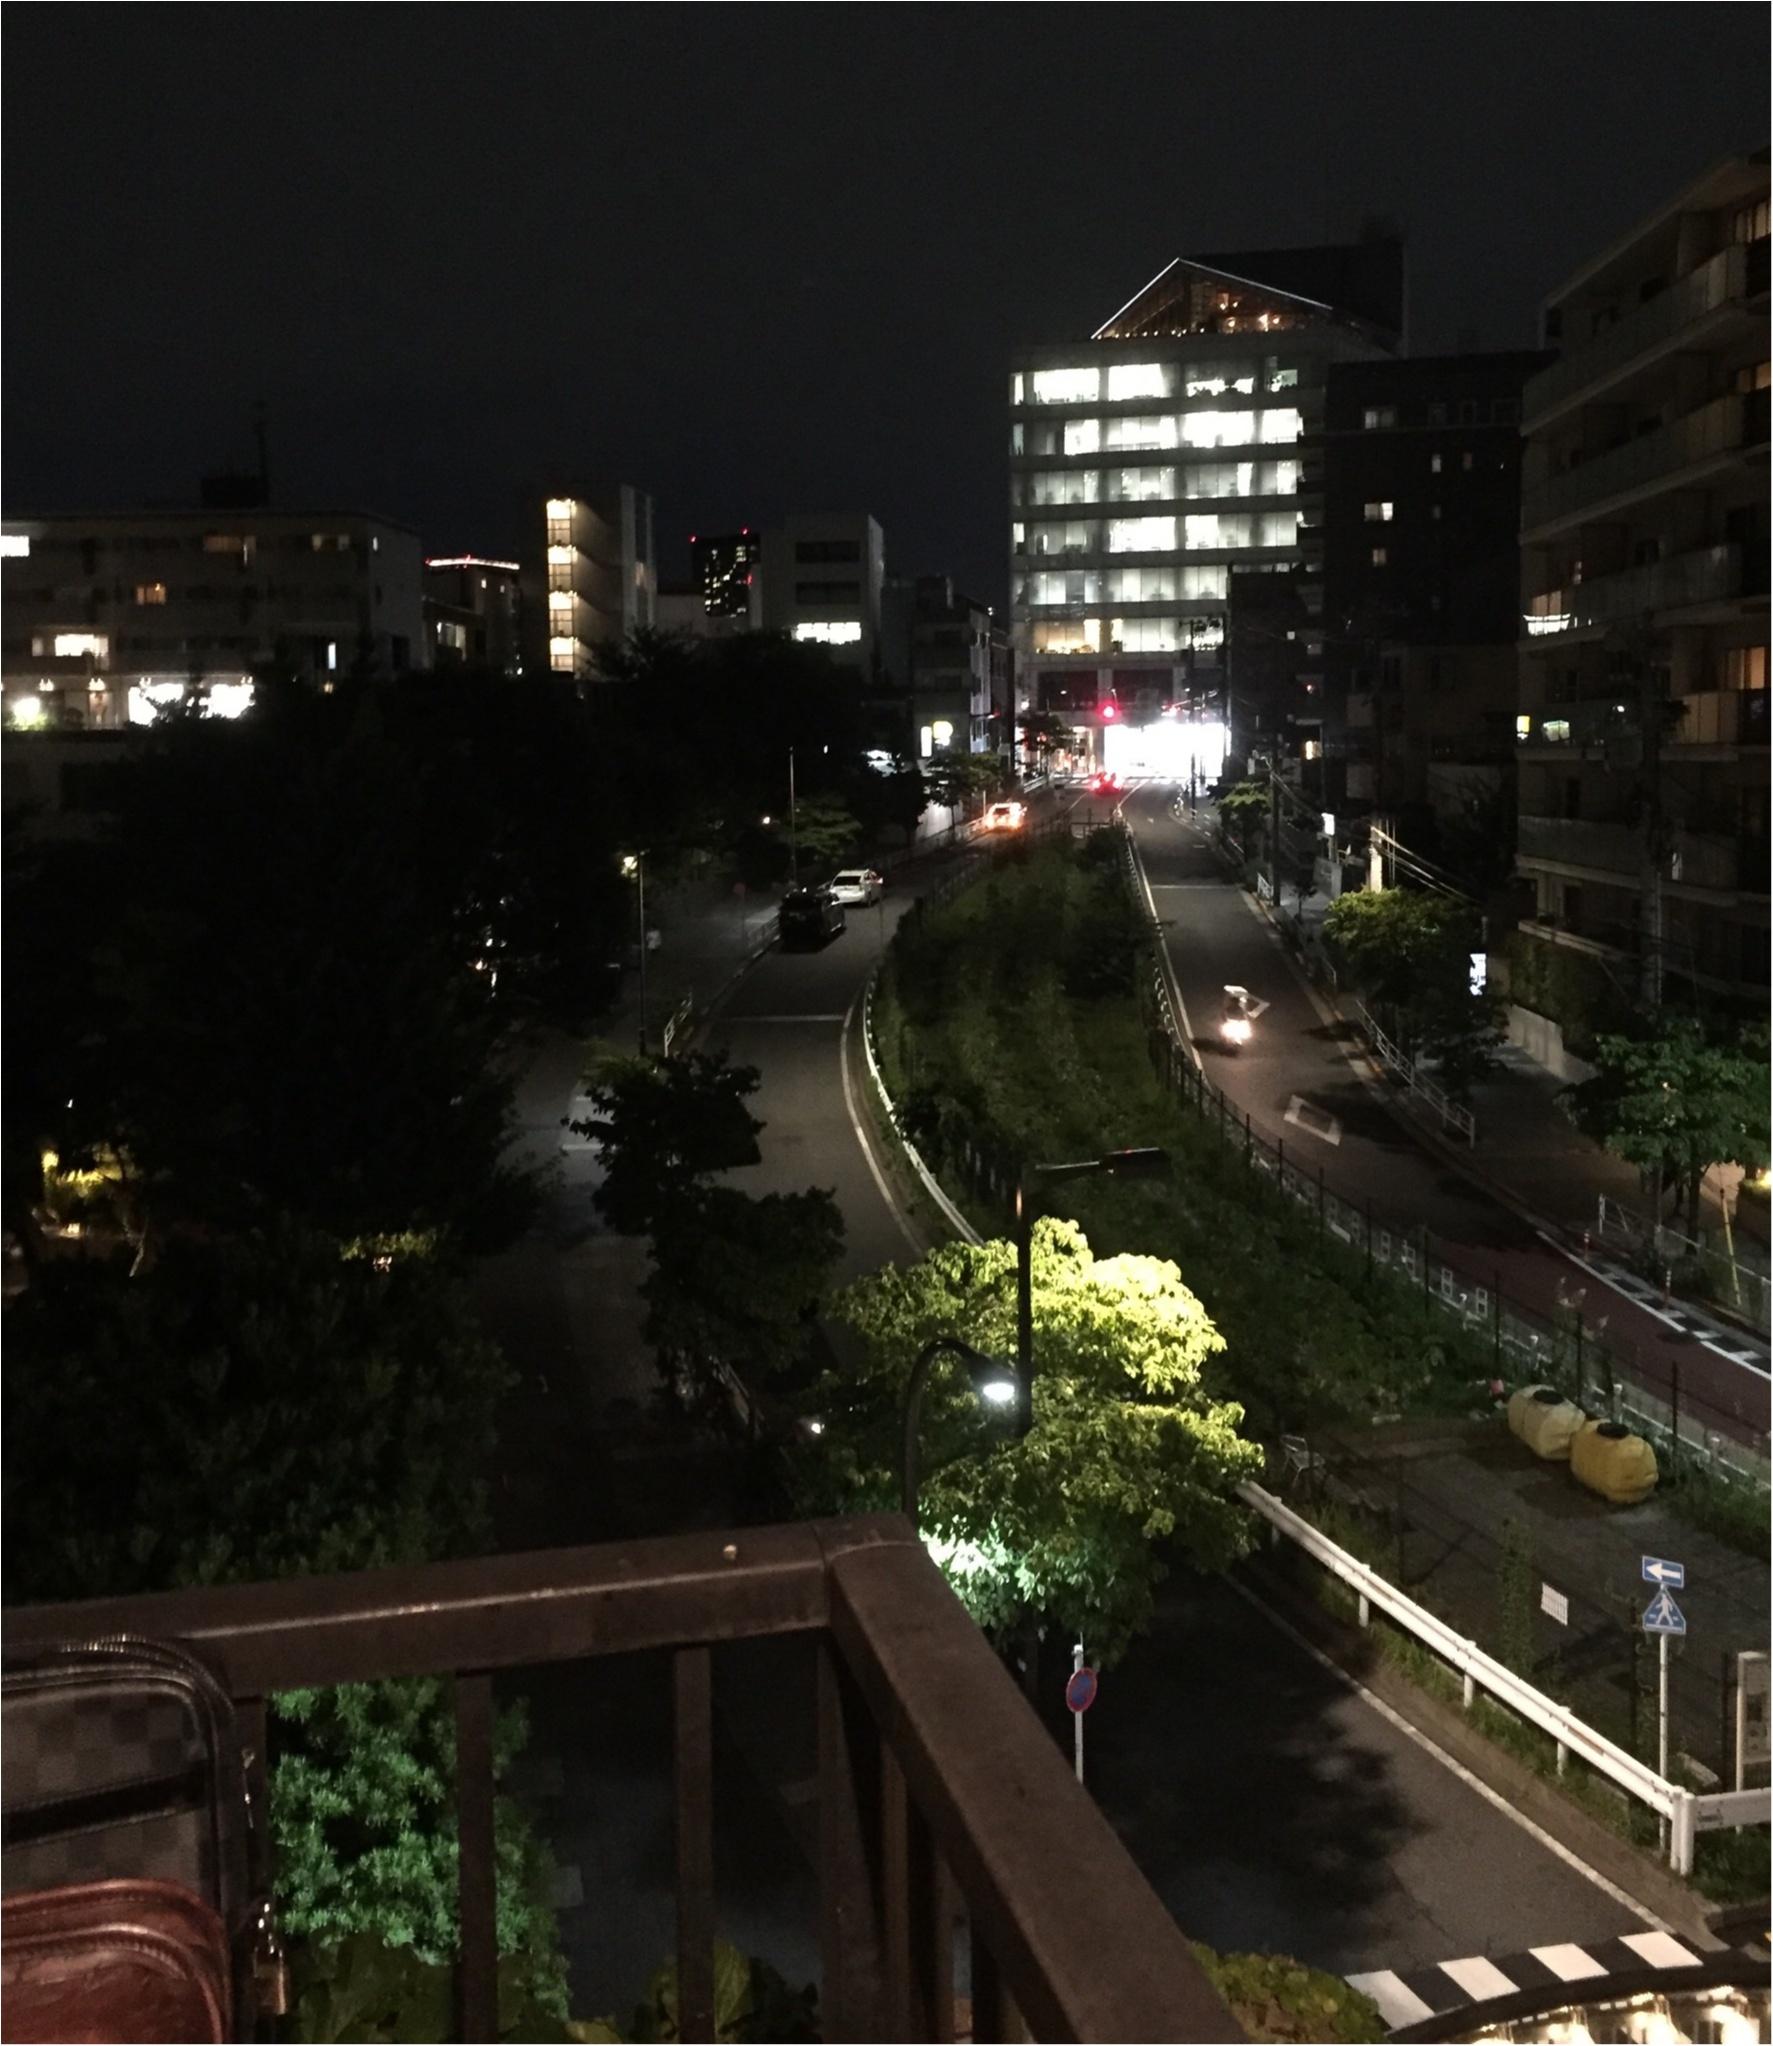 彦星現れず!!【平成最後の夏もジューンブライドの夢破れてキラキラ代官山BBQ】_2